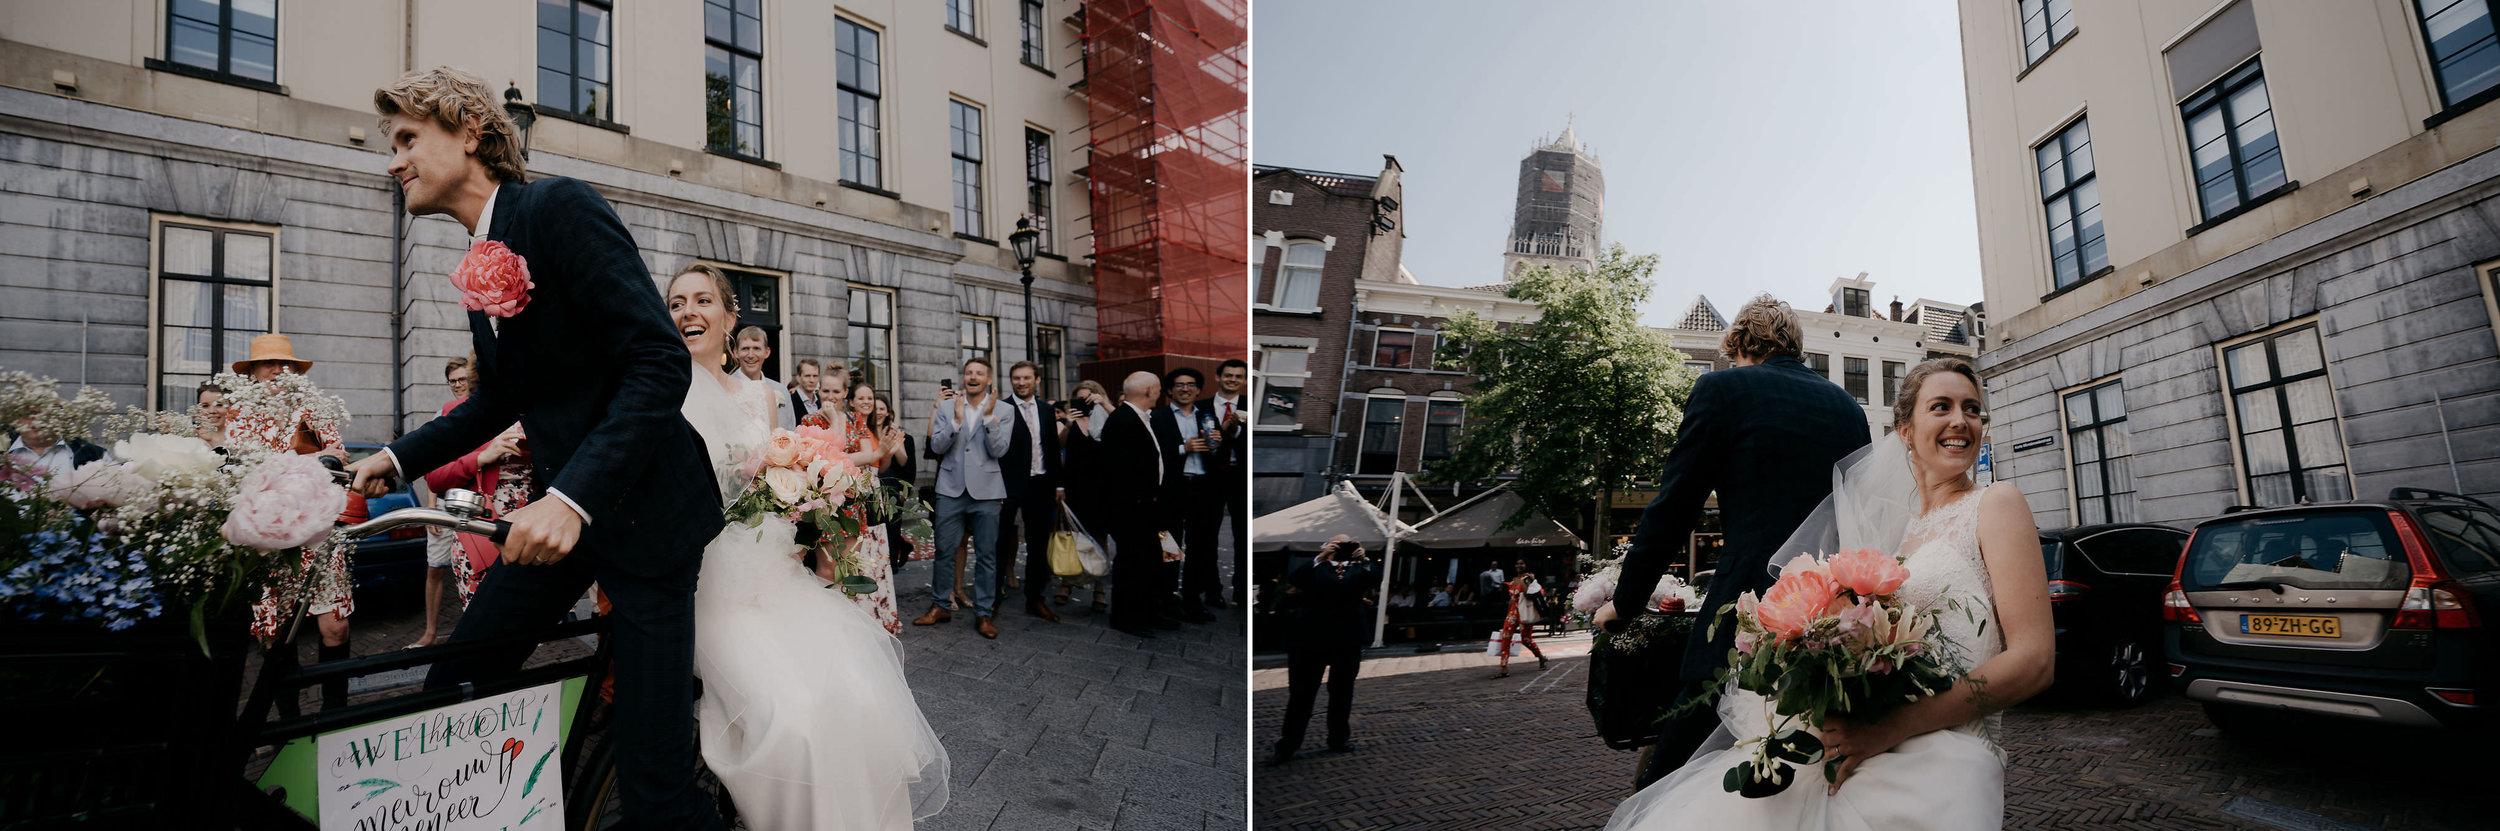 bruidsfotografie-trouwfotograaf-amsterdam-utrecht-mark-hadden-Koen-Laura-246 copy.jpg